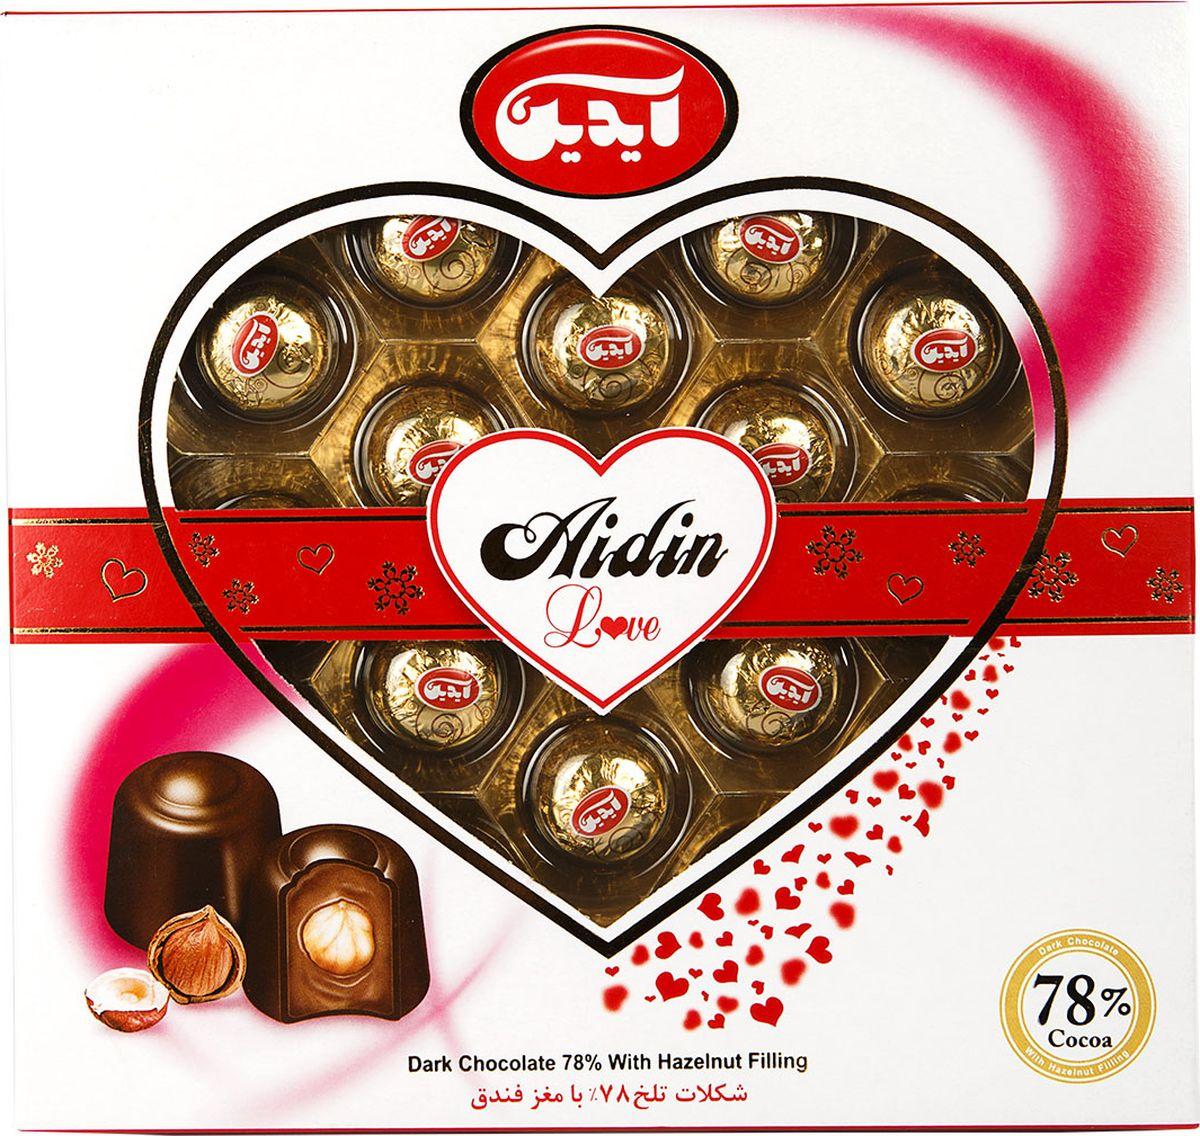 Aidin конфеты из темного шоколада с фундуком, 200 г6260109259455Шоколад - одно из самых популярных лакомств. Компания Aidin начинает свою историю с 1945 года. Покупая продукцию Aidin, можете быть уверены в том, что в изысканных сладостях соединились вкус и наслаждение. Высокое качество продукции продиктовано строгими законами Исламской республики.